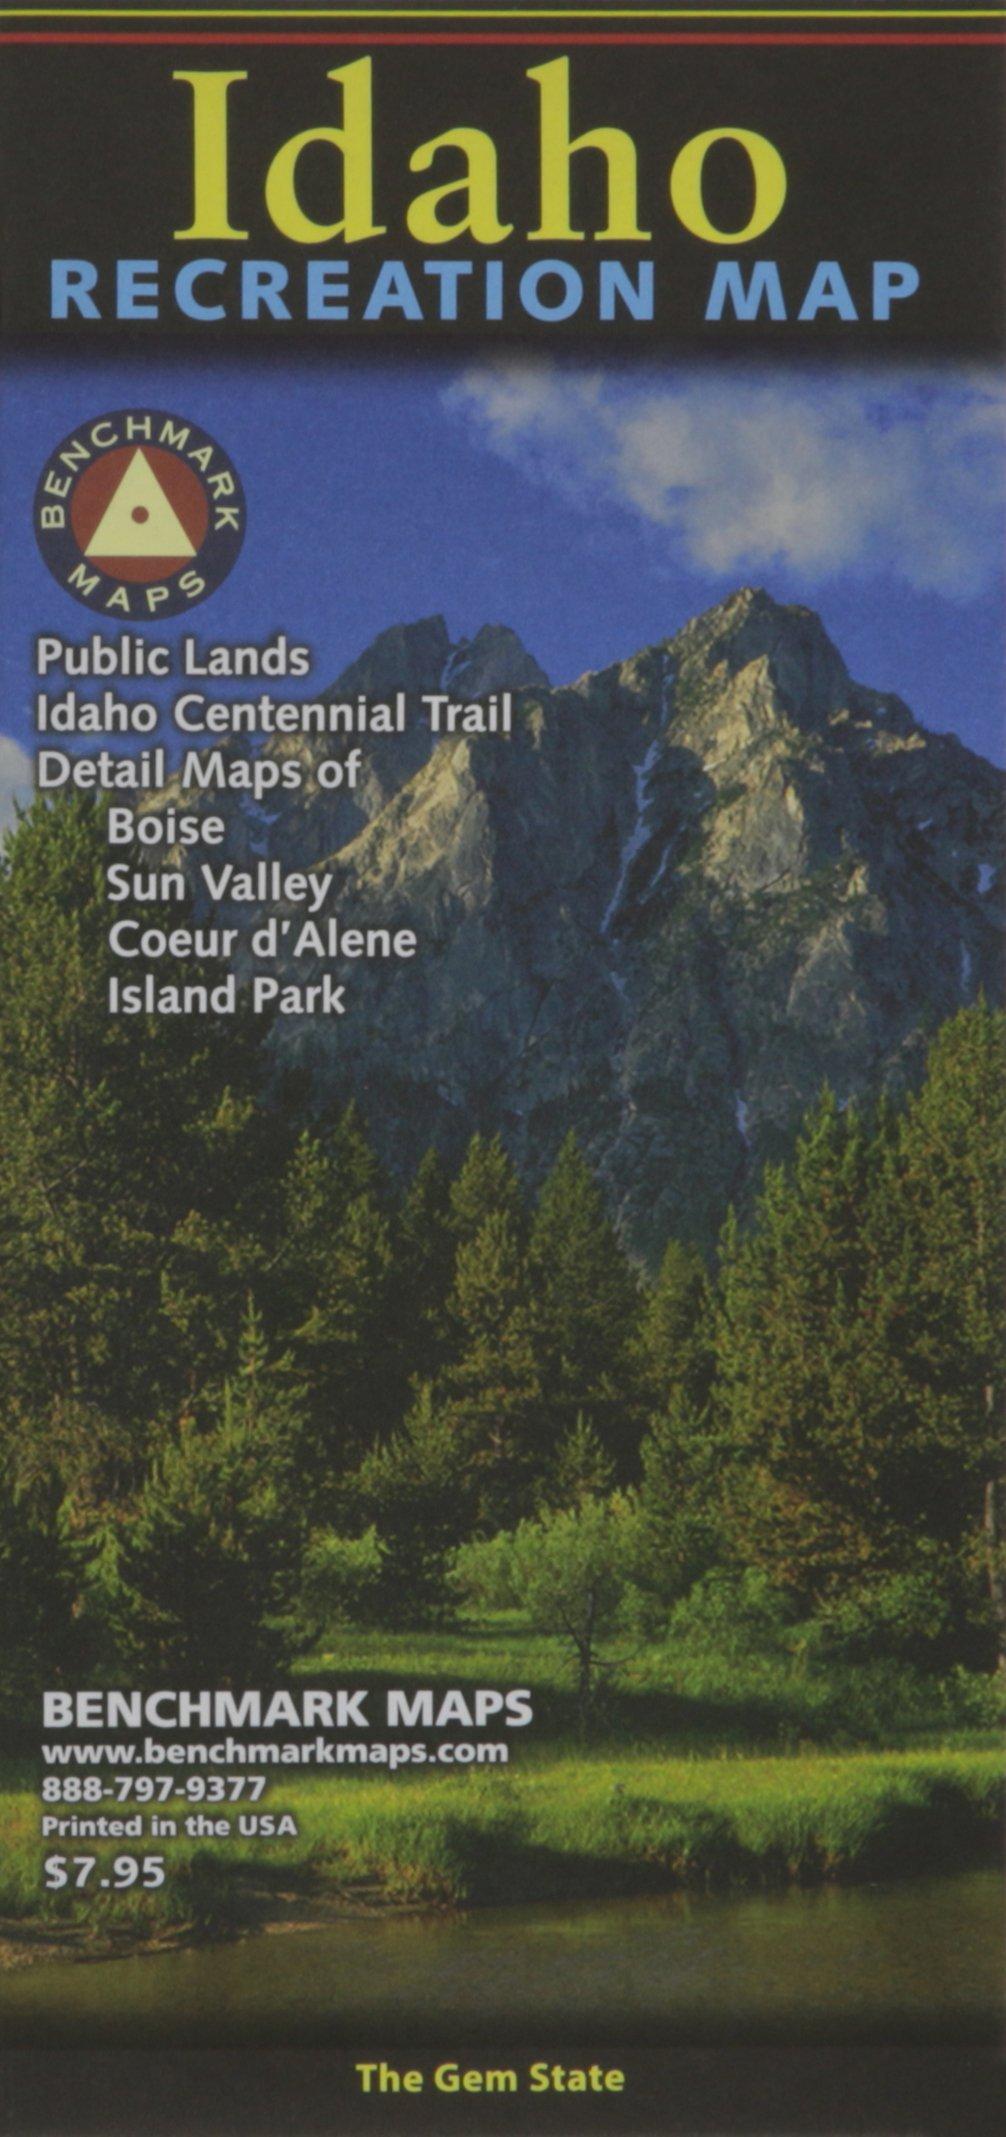 Hwy 95 Idaho Map.Idaho Recreation Map Benchmark Maps Atlases 9780783499185